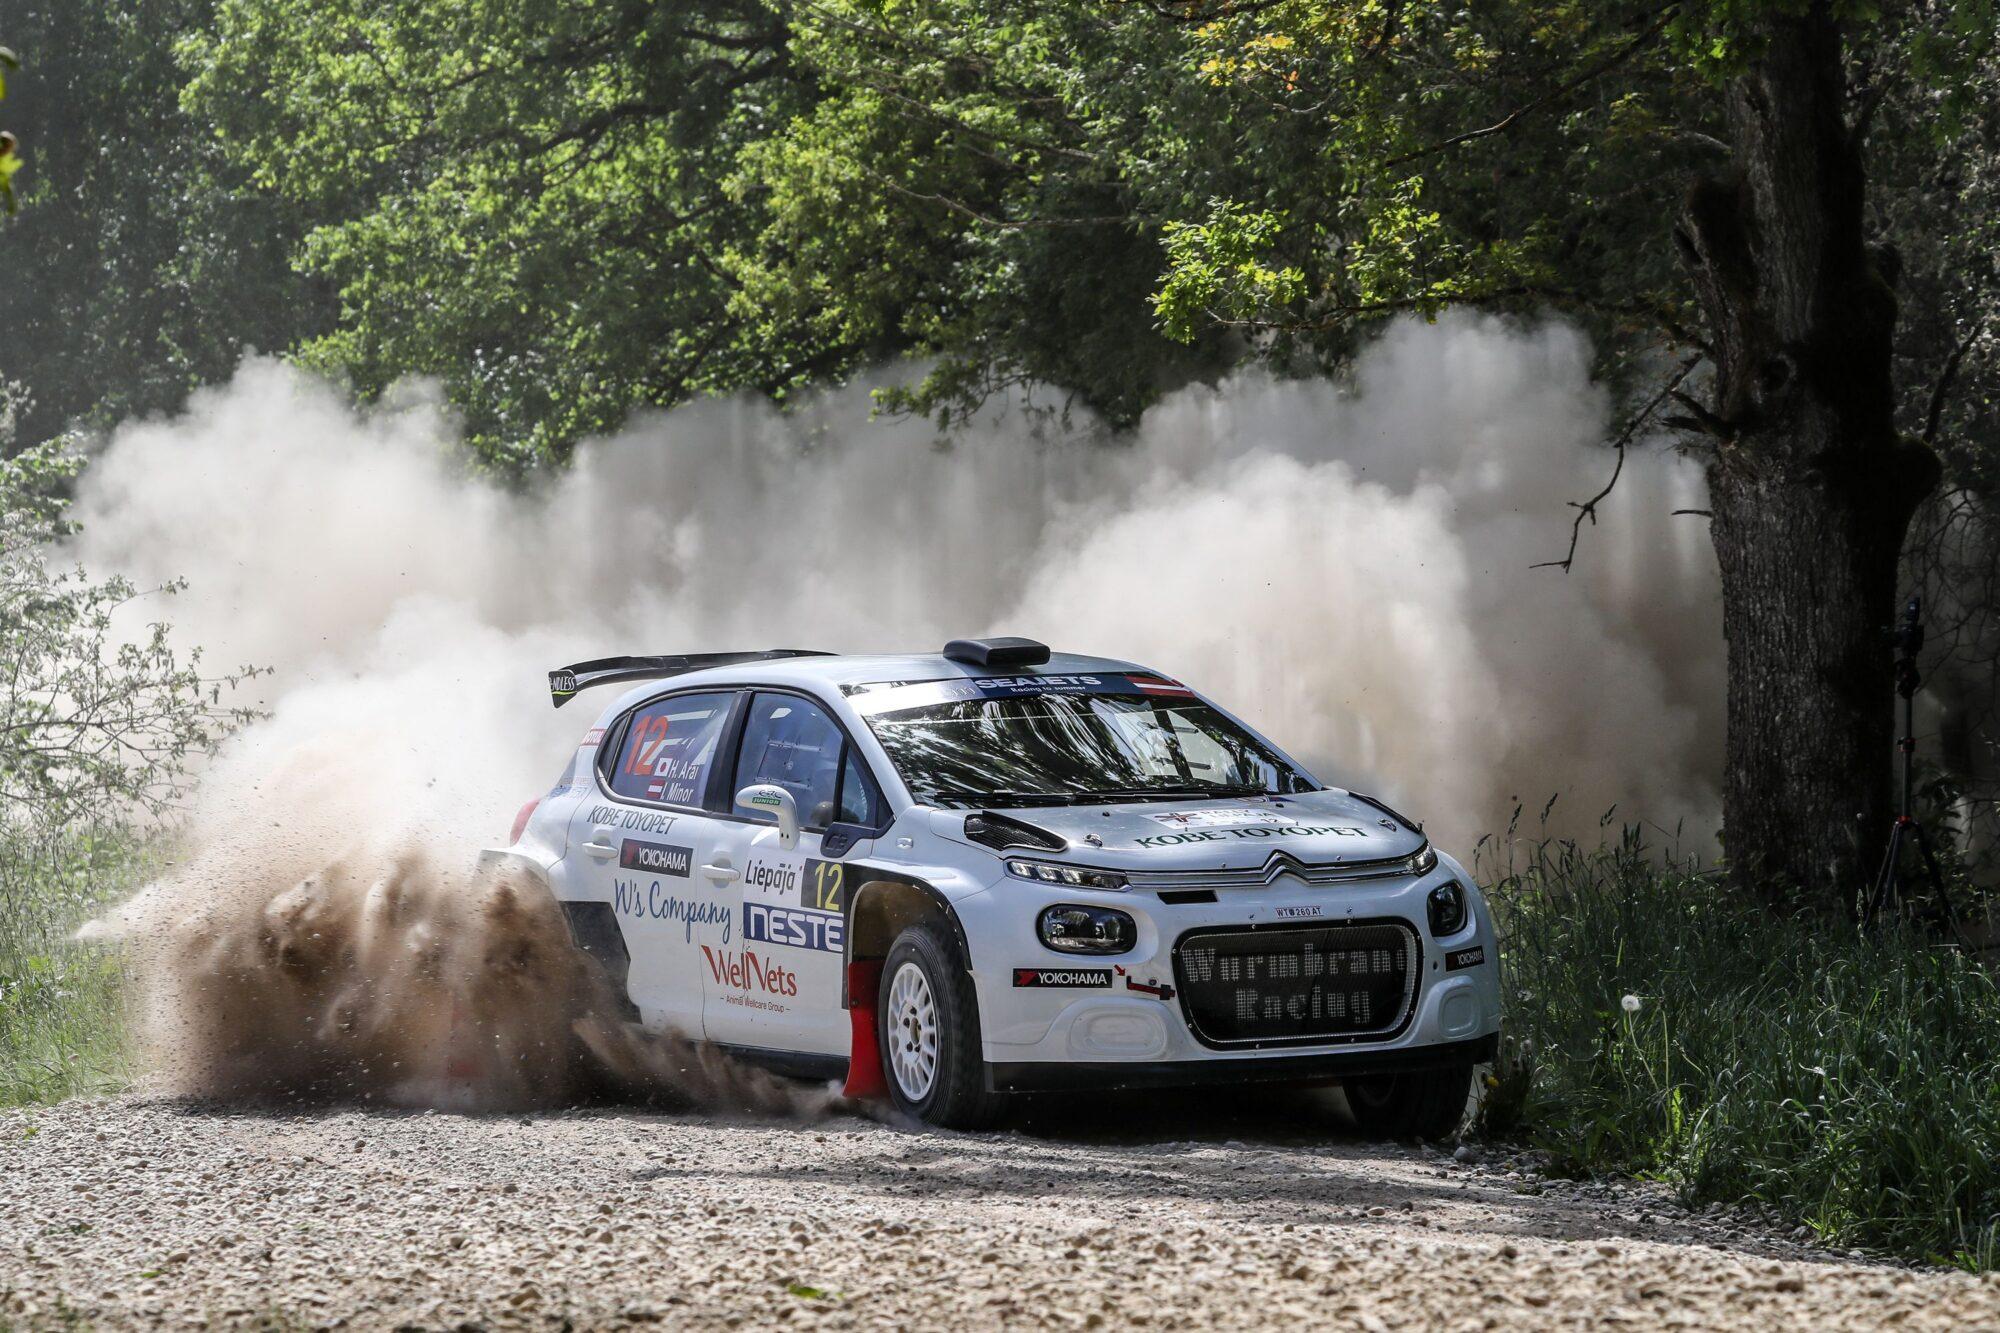 Необходимые 450 000 евро для приобретения лицензии для проведения этапа WRC в Латвии предлагают выделить из средств на непредвиденные расходы